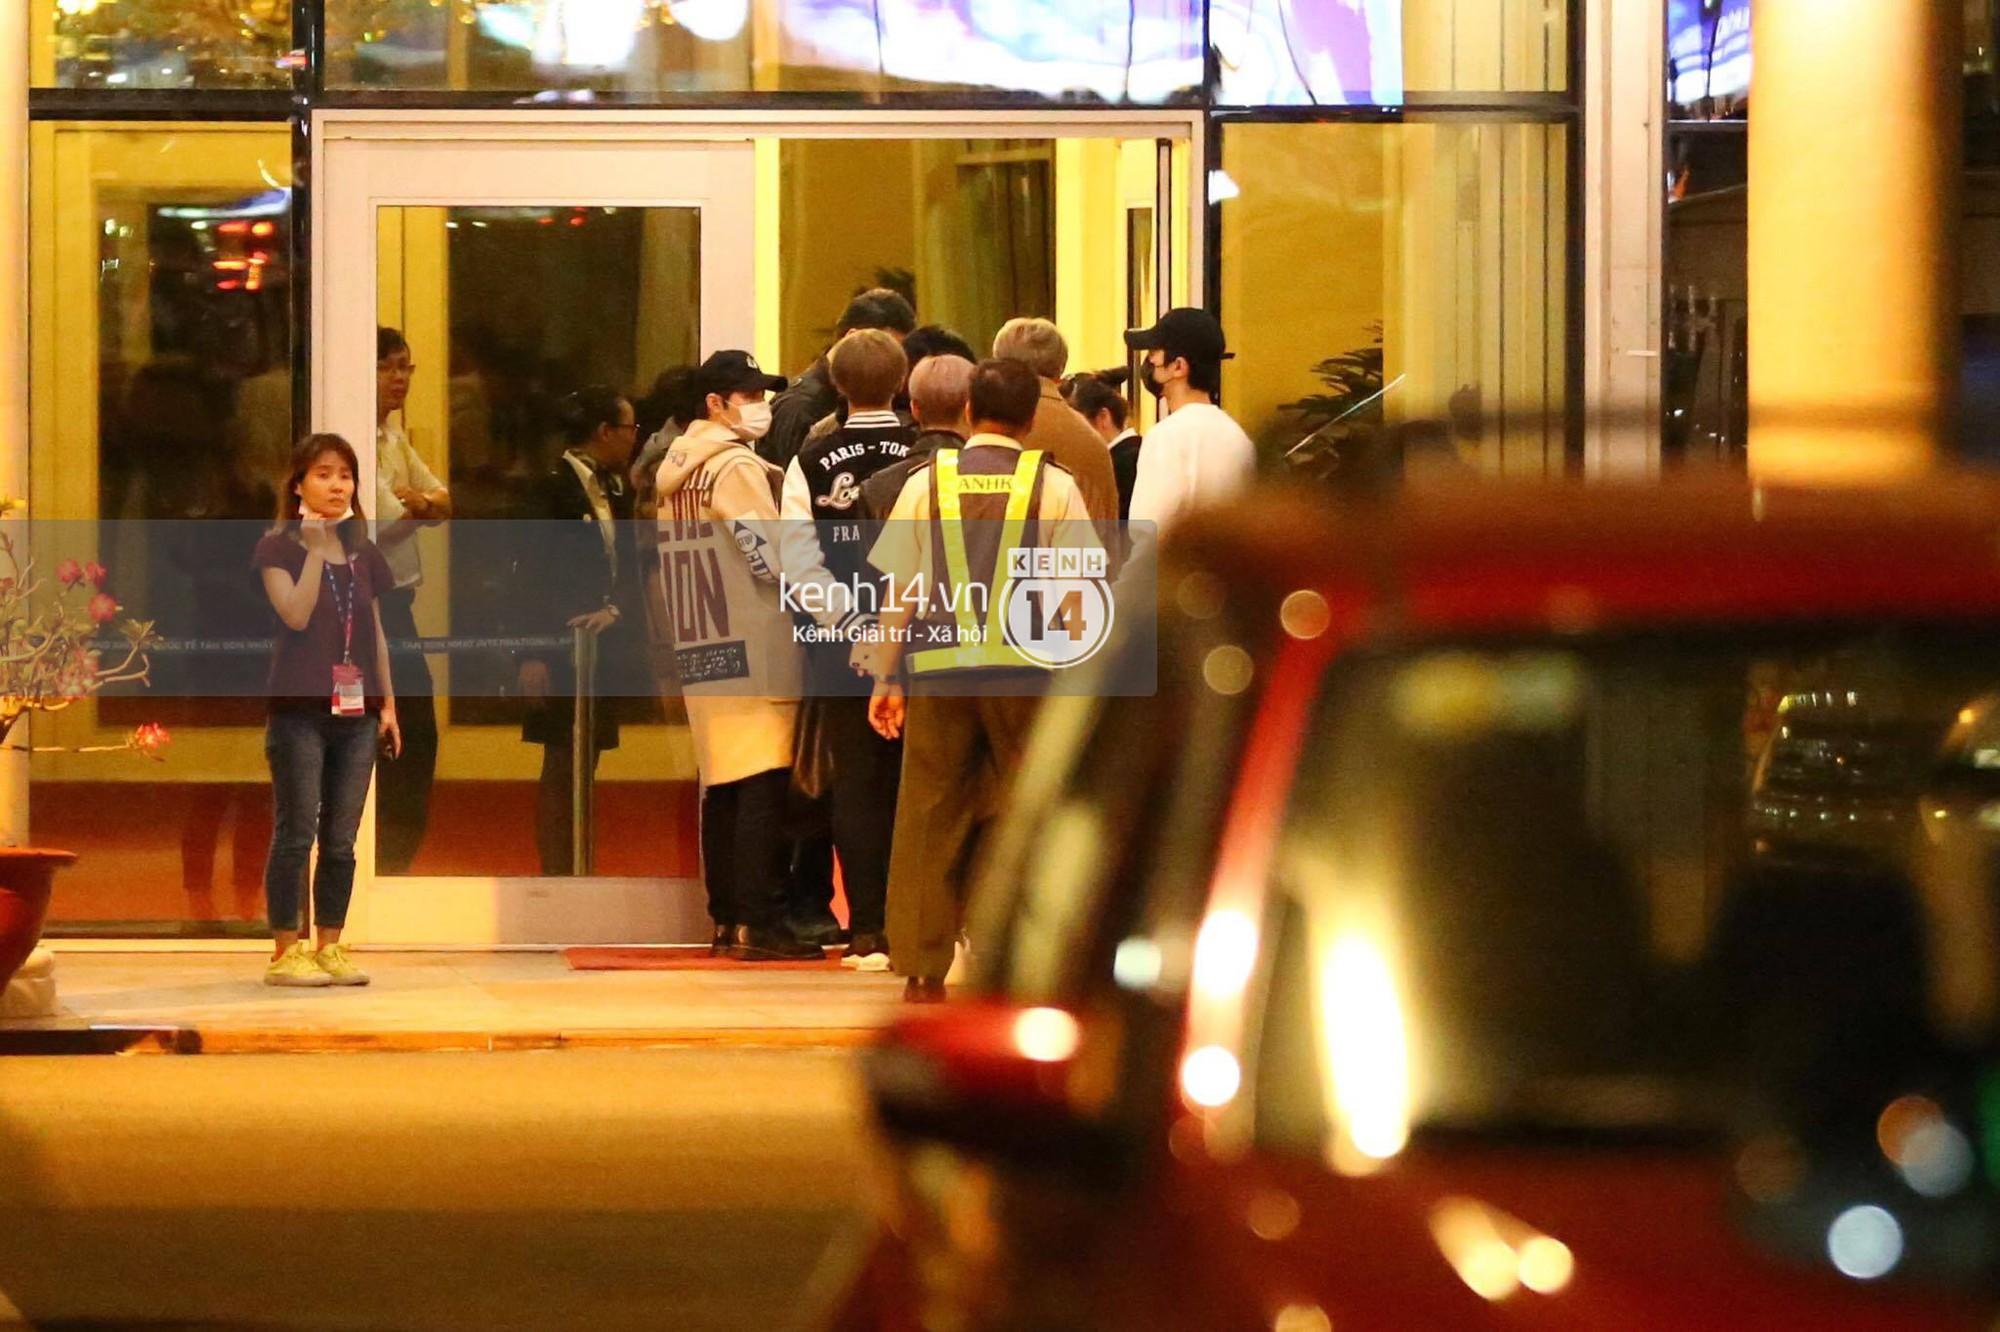 Hình ảnh đối lập: Kết thúc MAMA, Samuel khí thế vẫy tay chào fan Việt, Wanna One ngủ say mặc kệ người hâm mộ - Ảnh 12.